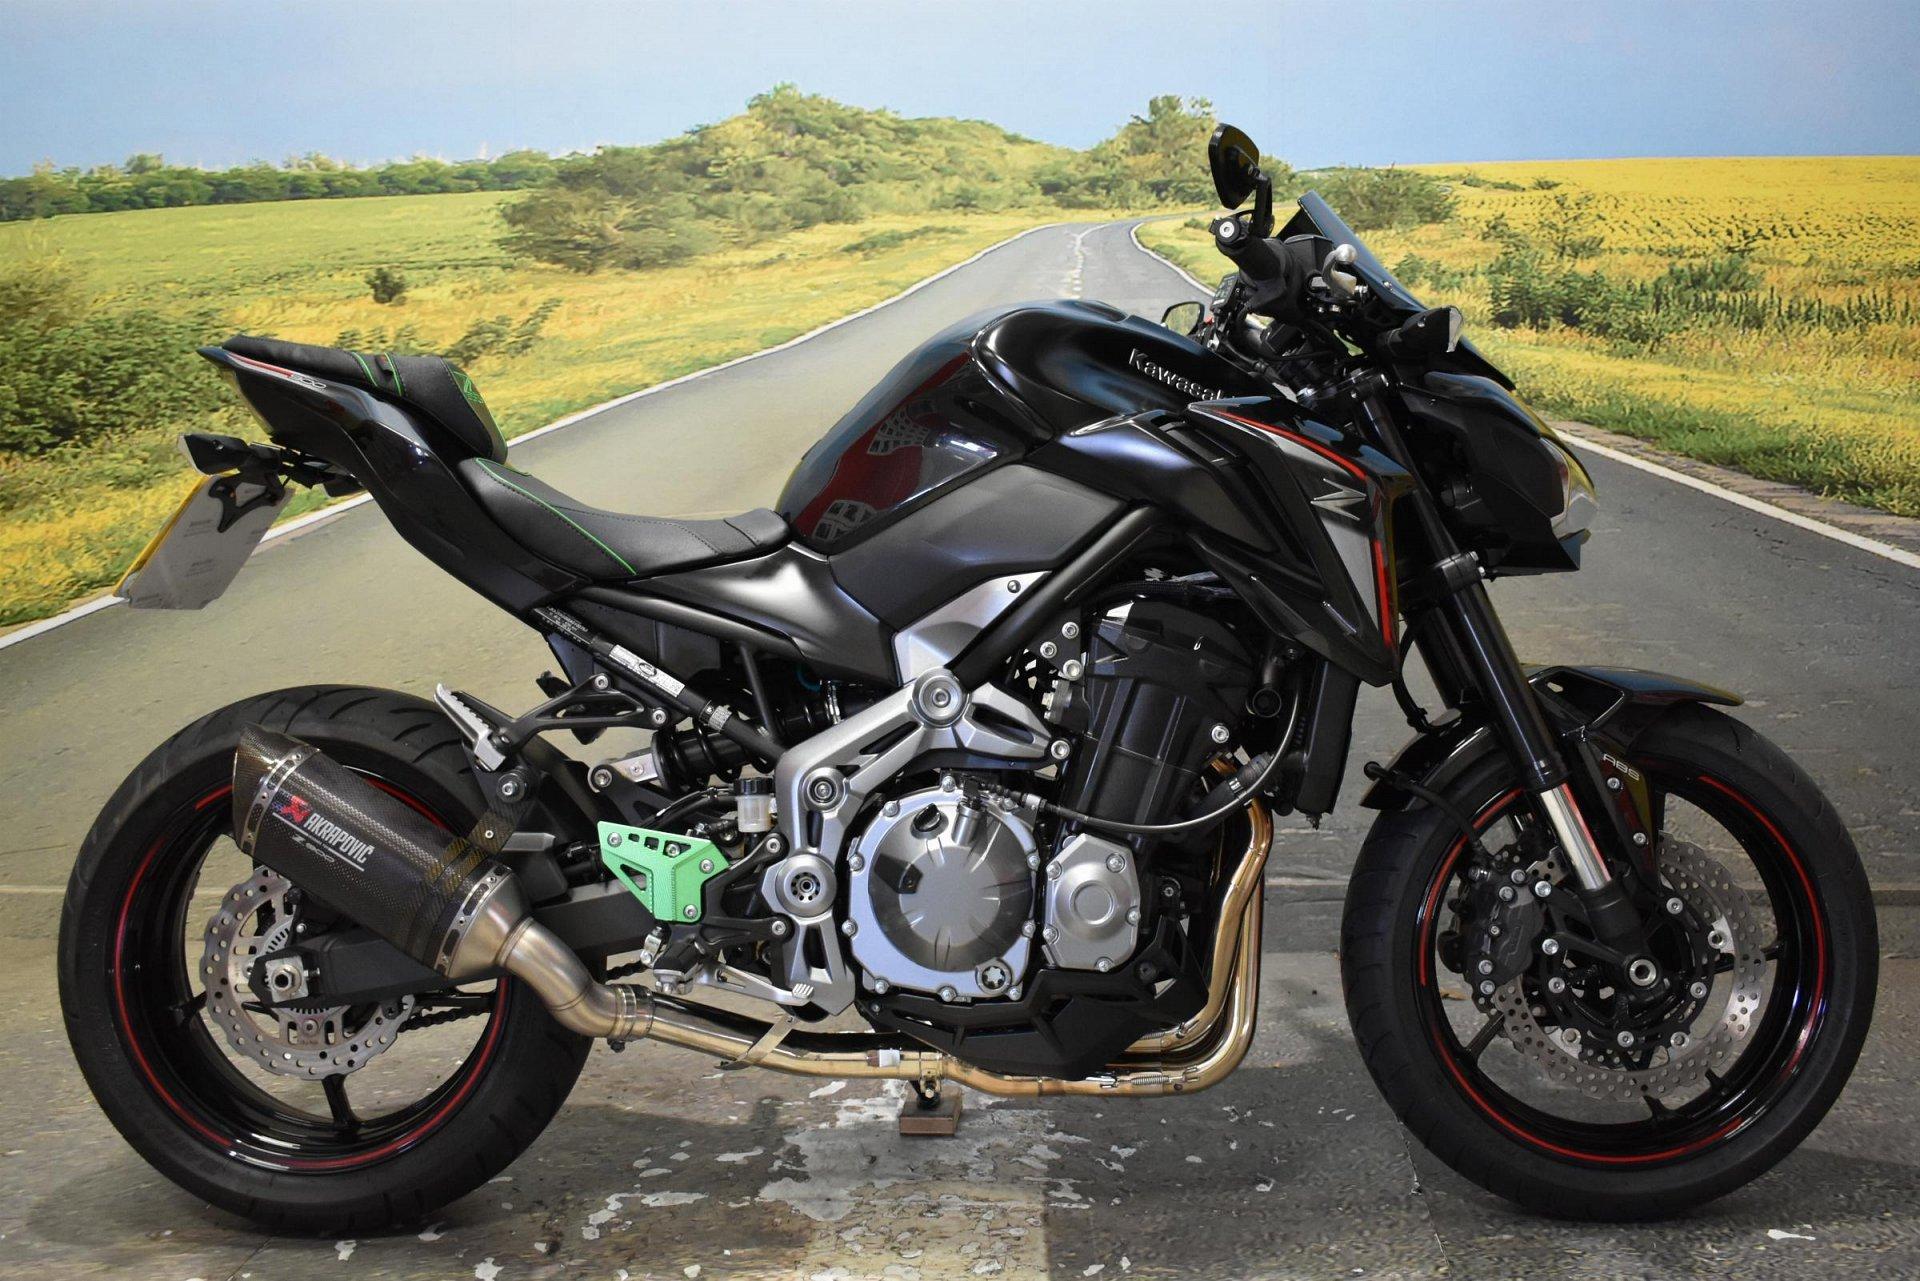 2018 Kawasaki Z900 for sale in Derbyshire